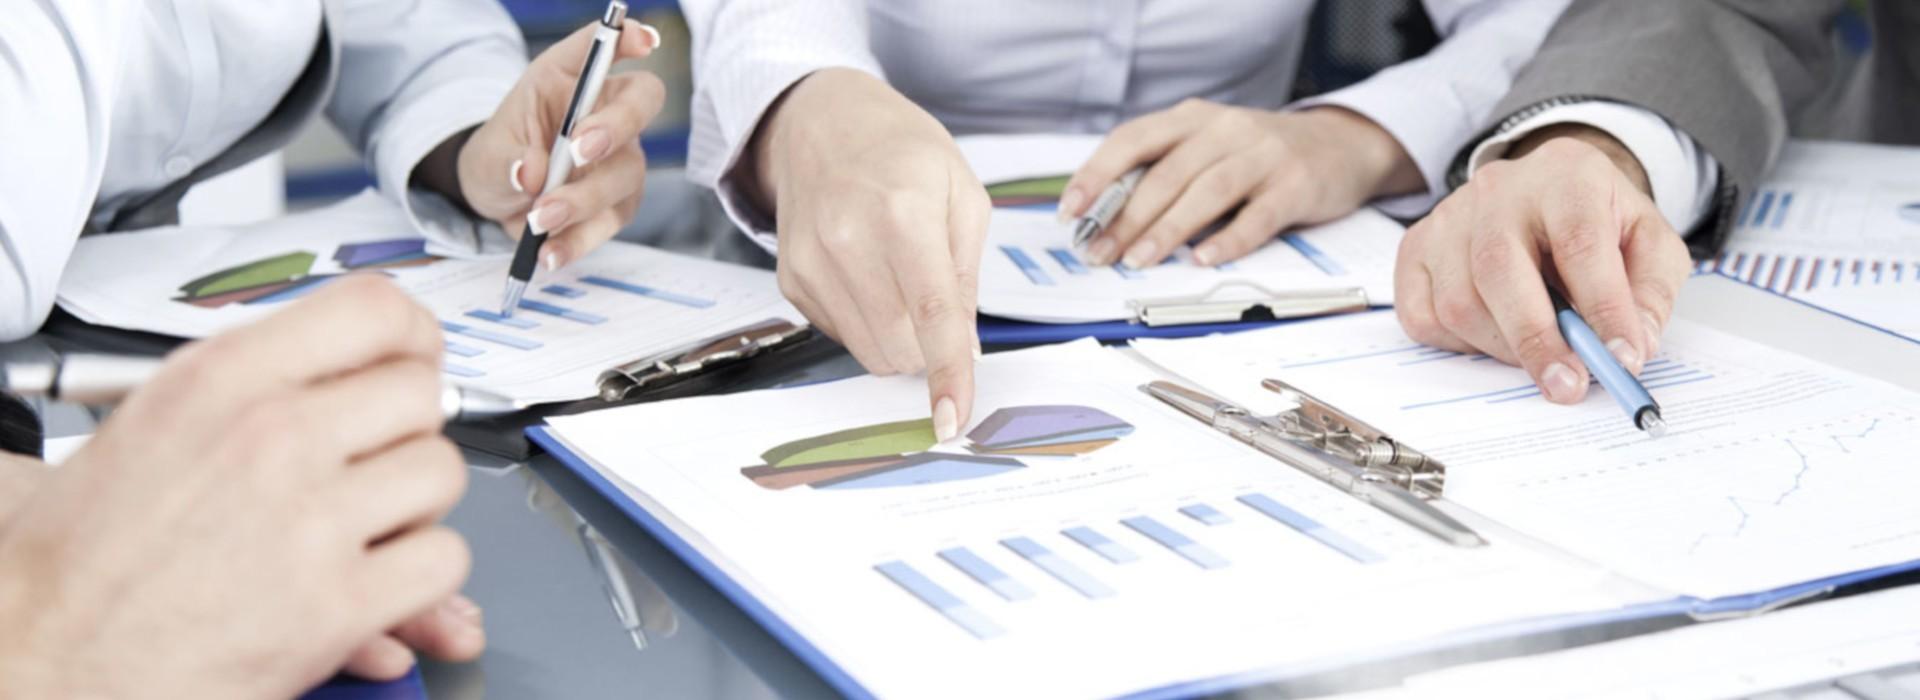 Crisi d'Impresa e modelli organizzativi: nuovi obblighi per gli Imprenditori